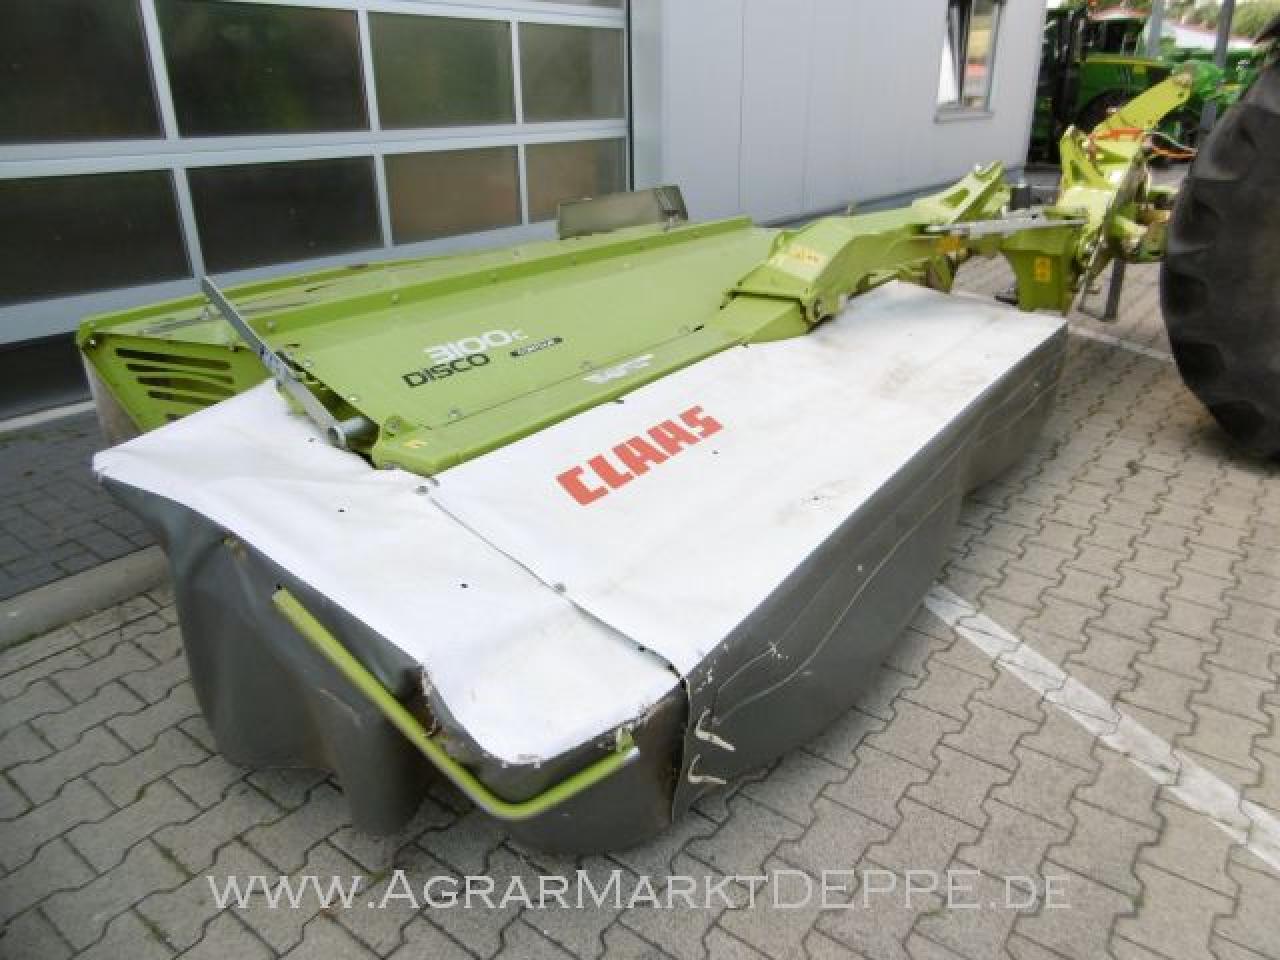 CLAAS Disco 3100 C Contour